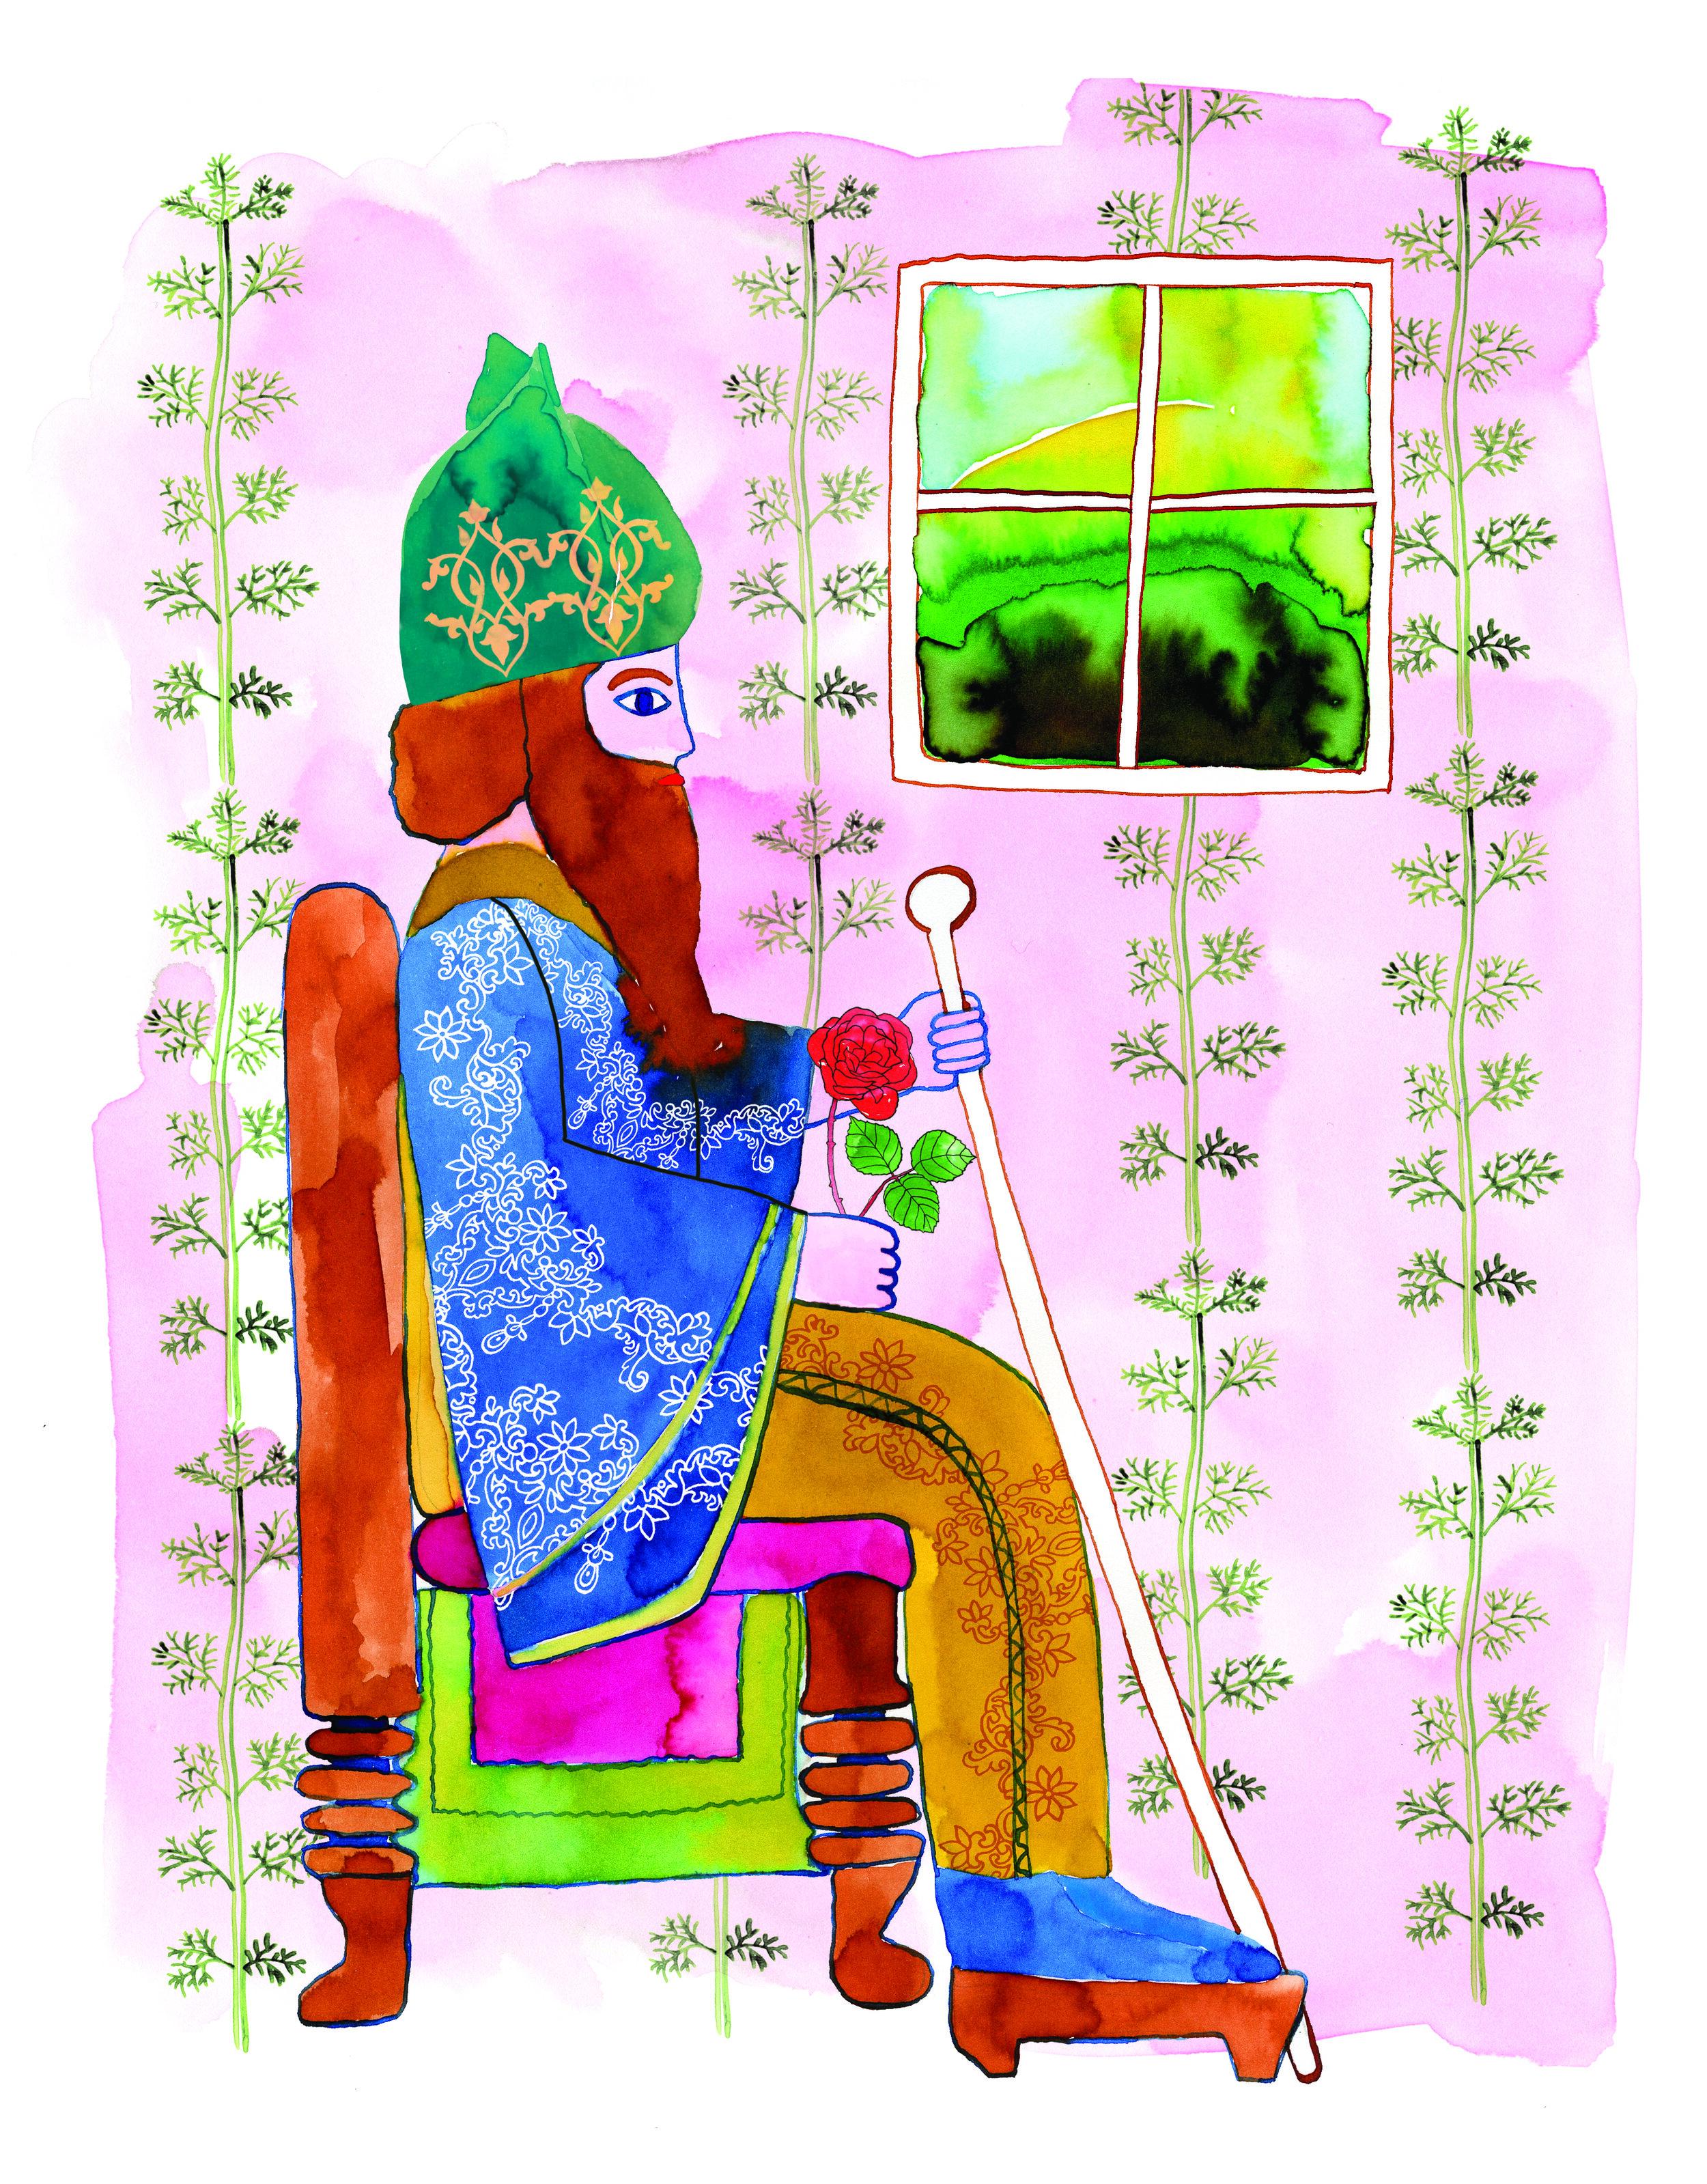 Werkboek Tuinlessen -2020 - Werkboek 2020 van de Tuin van Jan ligt voor je klaar. Schrijf je in voor de Tuinlessen van Koning Cyrus !